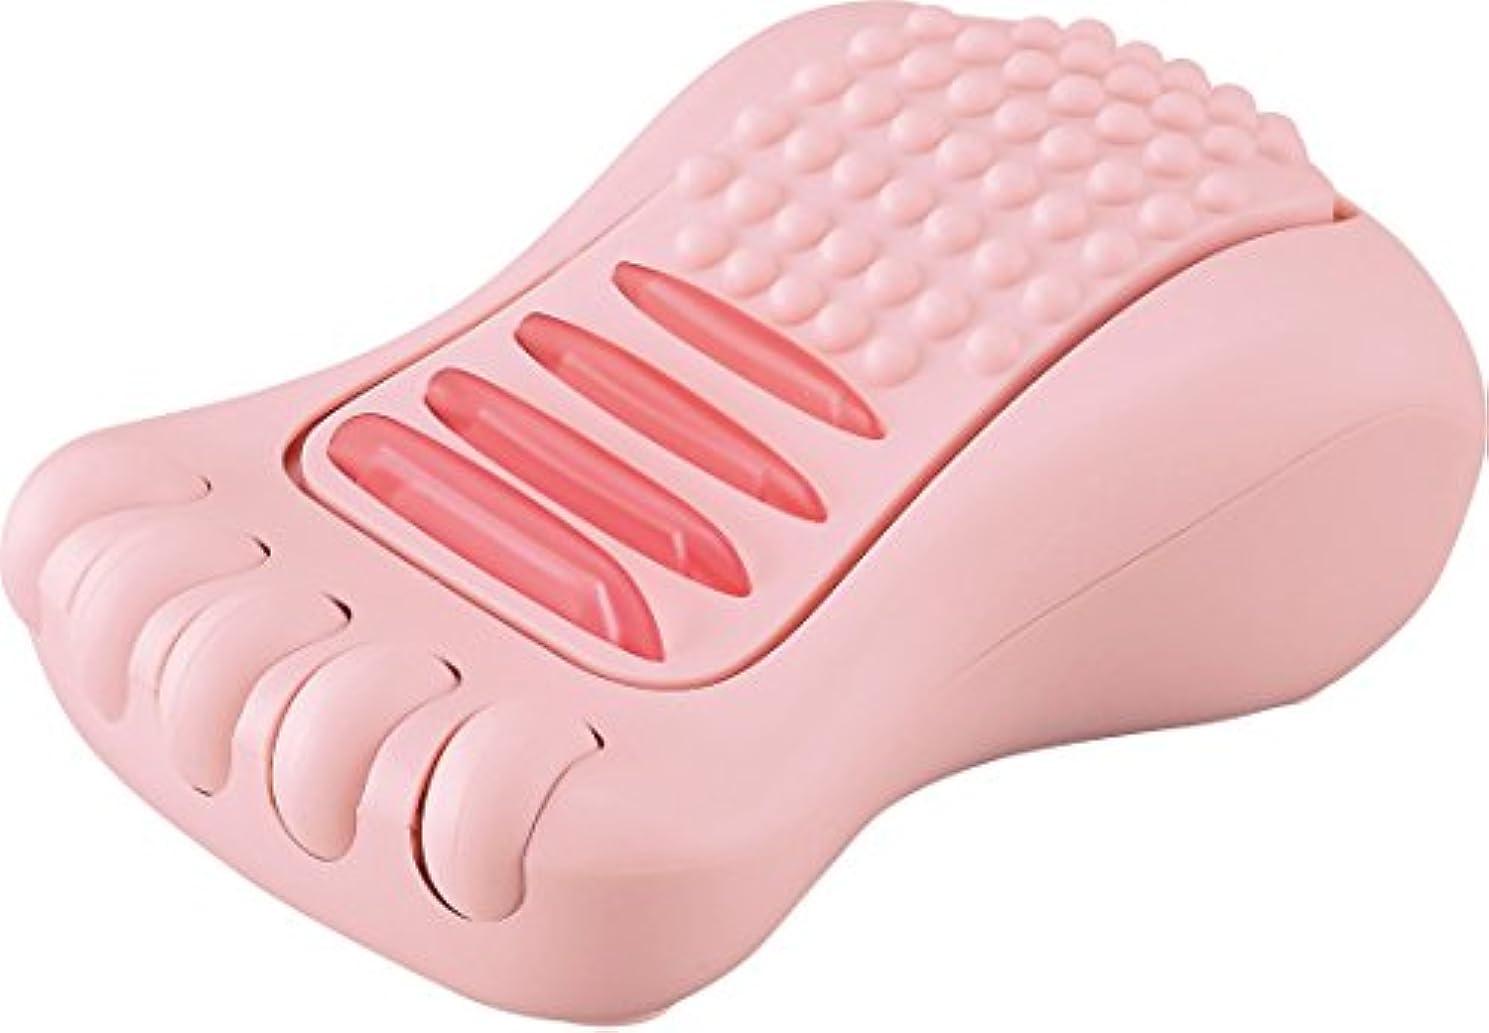 スイス人乳製品家庭教師ラドンナ ブルブル足裏リラクゼーション ピンク サイズ:約W10.5 D6 H15.5 CU15-BFR-PK